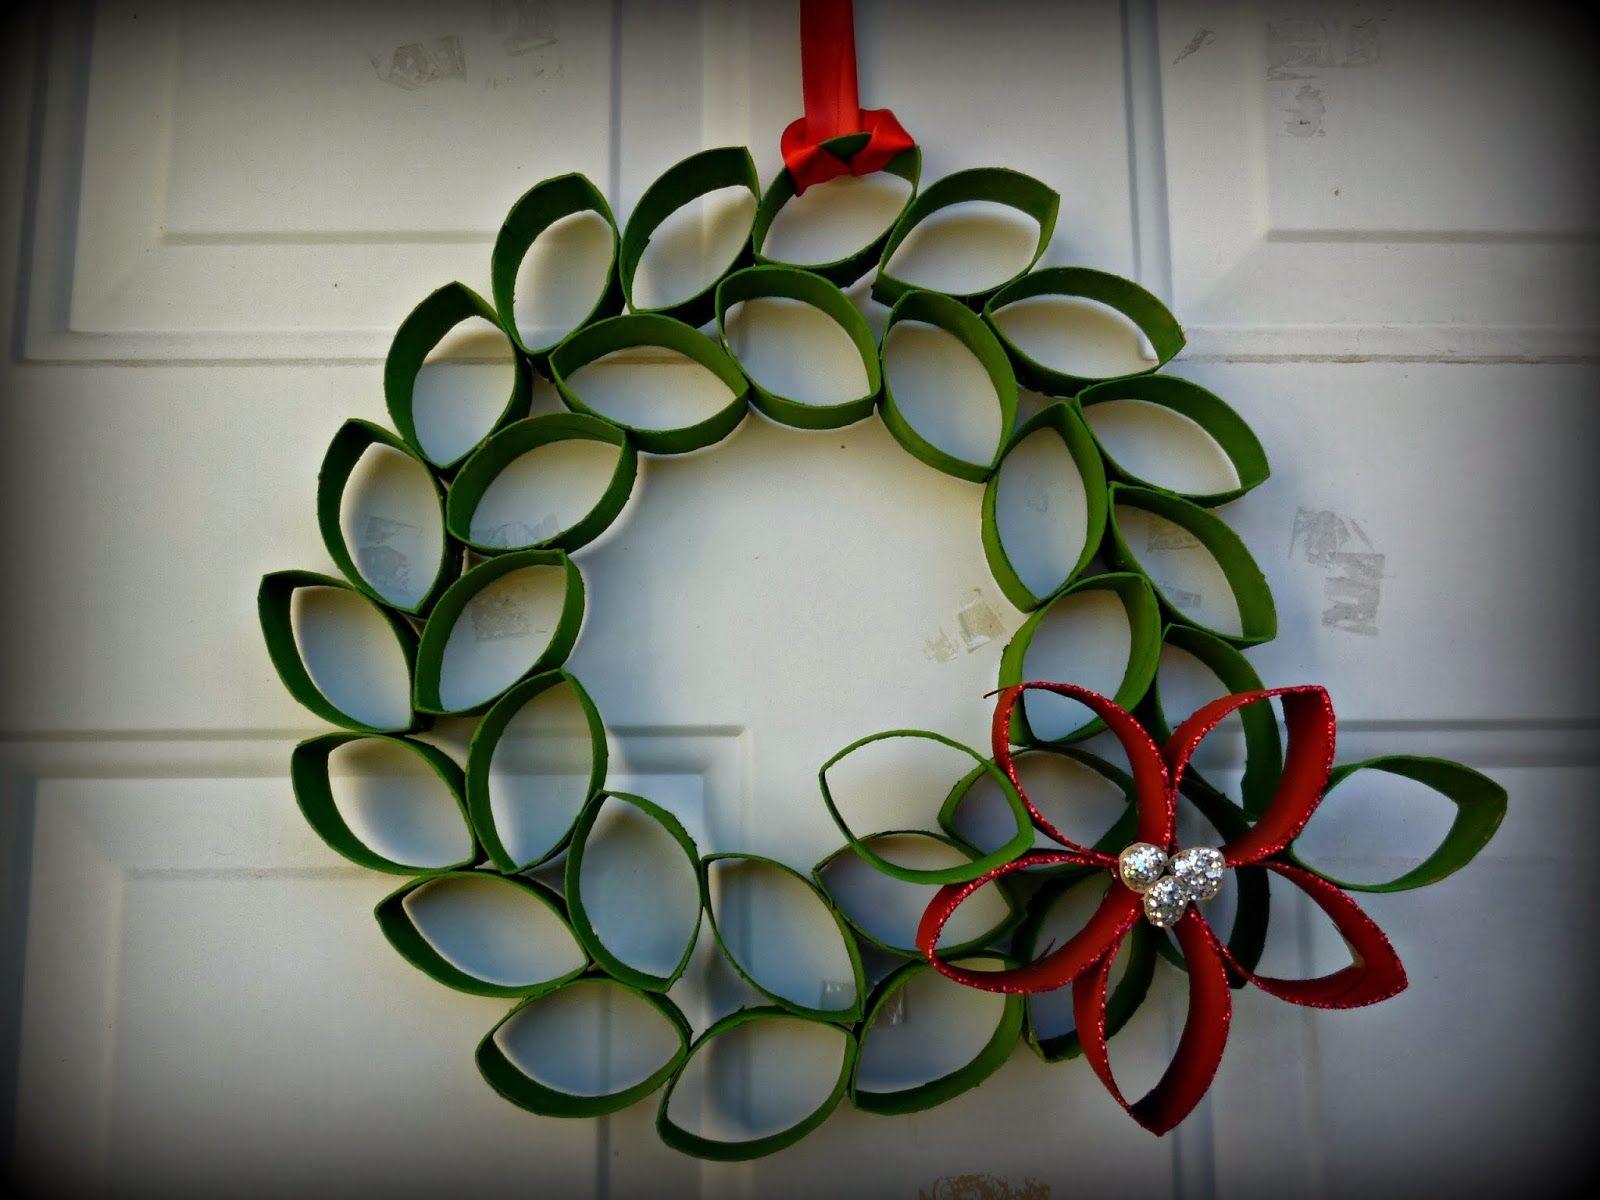 De todo y nada corona de navidad con rollos de papel diy for Decoracion con cenefas de papel